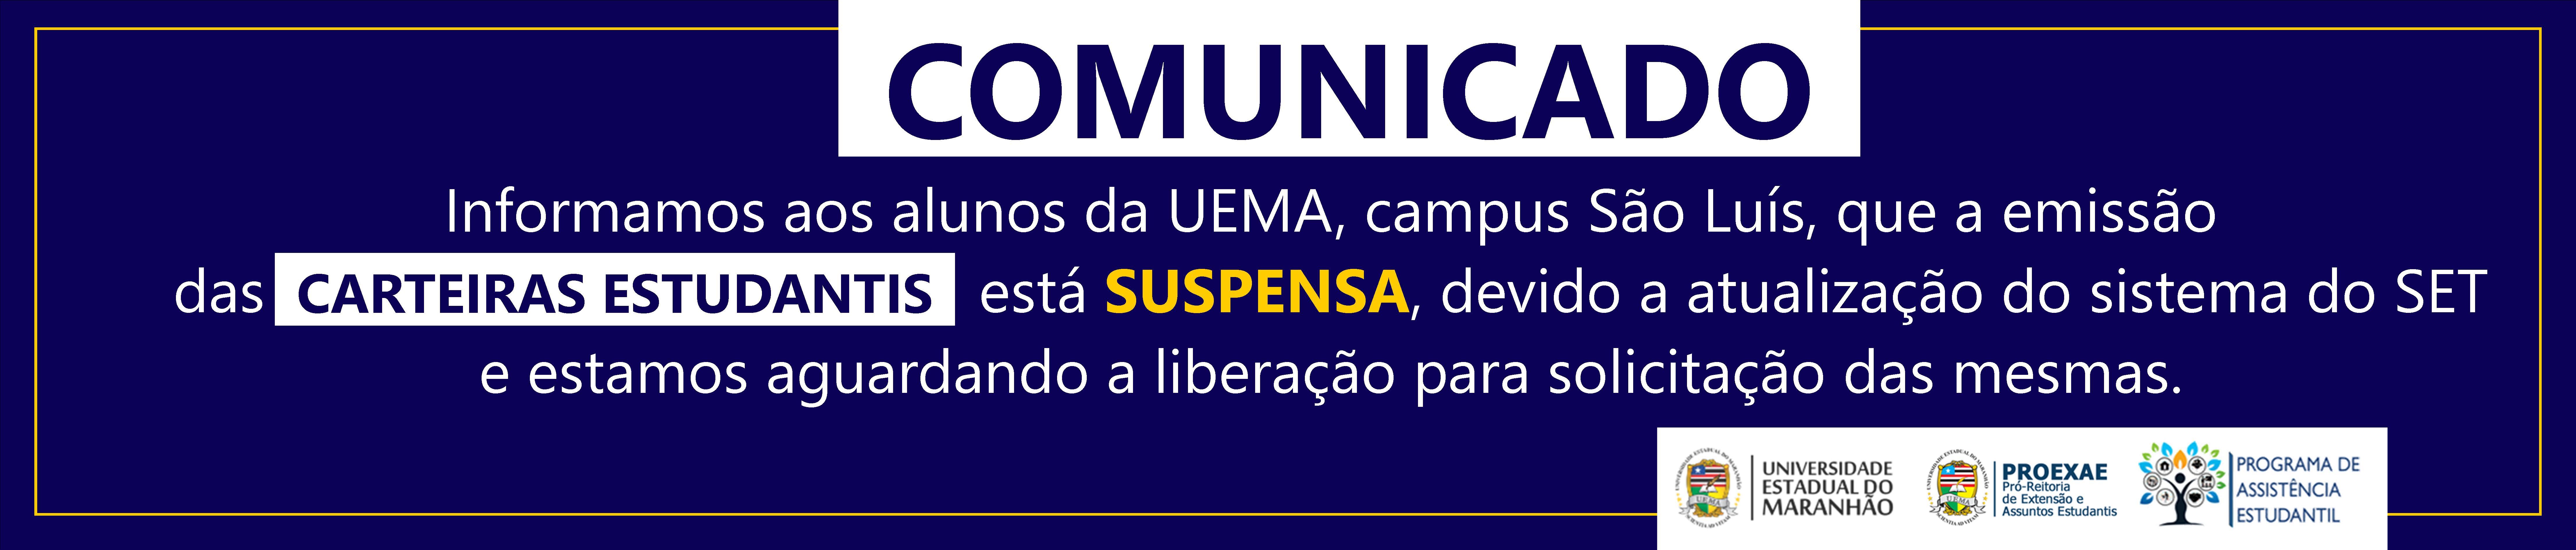 comunicado-SET-banner